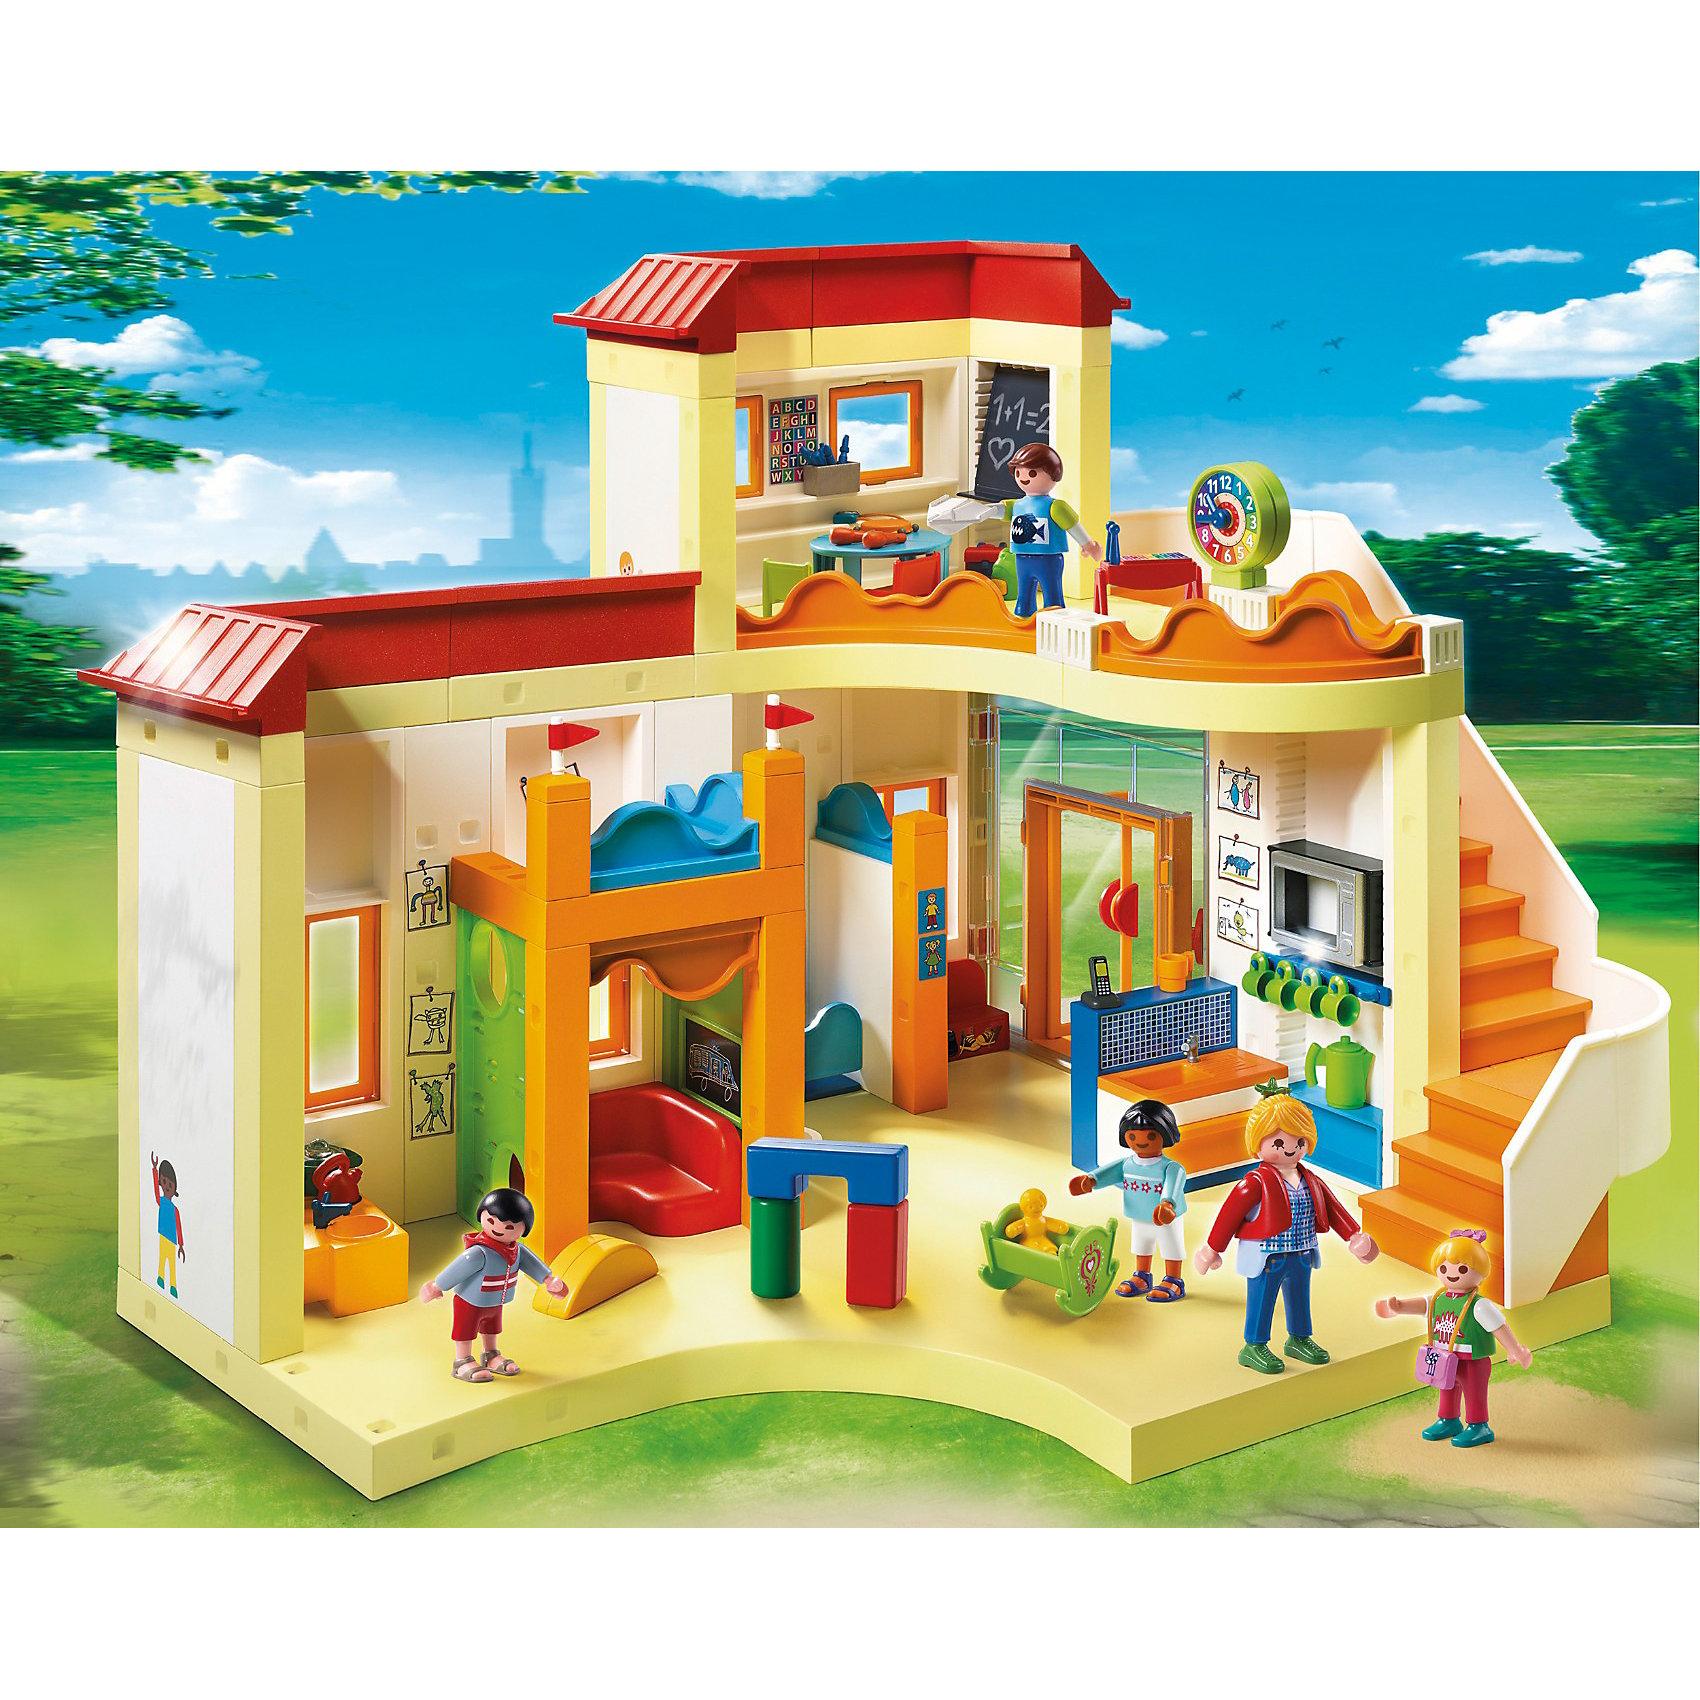 Детский сад: Солнышко, PLAYMOBILКонструктор PLAYMOBIL (Плеймобил) 5567 Детский сад: Солнышко - находка для заботливых родителей! Конструктор Вашего крохи должен быть именно таким: красочным, безопасным и очень привлекательным. Серия Детский сад особенно понравится девчонкам, ведь они обожают укачивать, воспитывать и играть с малышами. Дети обожают ходить в детский сад Солнышко - ведь там всегда уютно и очень весело. За четырьмя прекрасными малышами присматривает внимательный воспитатель. На втором этаже сада есть специальная комната для занятий: дети готовятся к школе, пишут буквы на доске и учатся понимать время. Для того чтобы малыши правильно питались предусмотрена кухня с печкой и множеством посуды. Помыть руки перед едой можно в удобной раковине. Ну а больше всего воспитанникам нравится играть с игрушками и слушать музыку, для этого в саду Солнышко даже есть музыкальный салон. Ну а когда малыши утомятся, они могут поспать в детской комнате. Создай интересные сюжеты с набором Детский сад: Солнышко или объедини его с другими наборами серии и игра станет еще интереснее. Придумывая замечательные сюжеты с деталями конструктора, Ваш ребенок развивает фантазию, учится заботе о малышах и просто прекрасно проводит время!<br><br>Дополнительная информация:<br><br>- Конструкторы PLAYMOBIL (Плеймобил) отлично развивают мелкую моторику, фантазию и воображение;<br>- В наборе: 5 минифигурок (1 воспитатель, 4 малыша), двухэтажный детский сад, игрушки, кухня с посудой и множеством аксессуаров, туалет с раковинами, унитазами и аксессуарами, доска, диван, часы, кроватки и дополнительные аксессуары;<br>- Количество деталей: 394 шт;<br>- Материал: безопасный пластик;<br>- Размер минифигурки воспитателей: 7,5 см;<br>- Размер упаковки: 44 х 34 х 34 см<br><br>Конструктор PLAYMOBIL (Плеймобил) 5567 Детский сад: Солнышко можно купить в нашем интернет-магазине.<br><br>Ширина мм: 501<br>Глубина мм: 401<br>Высота мм: 111<br>Вес г: 2634<br>Возраст от месяцев: 48<br>Возраст до месяцев: 120<br